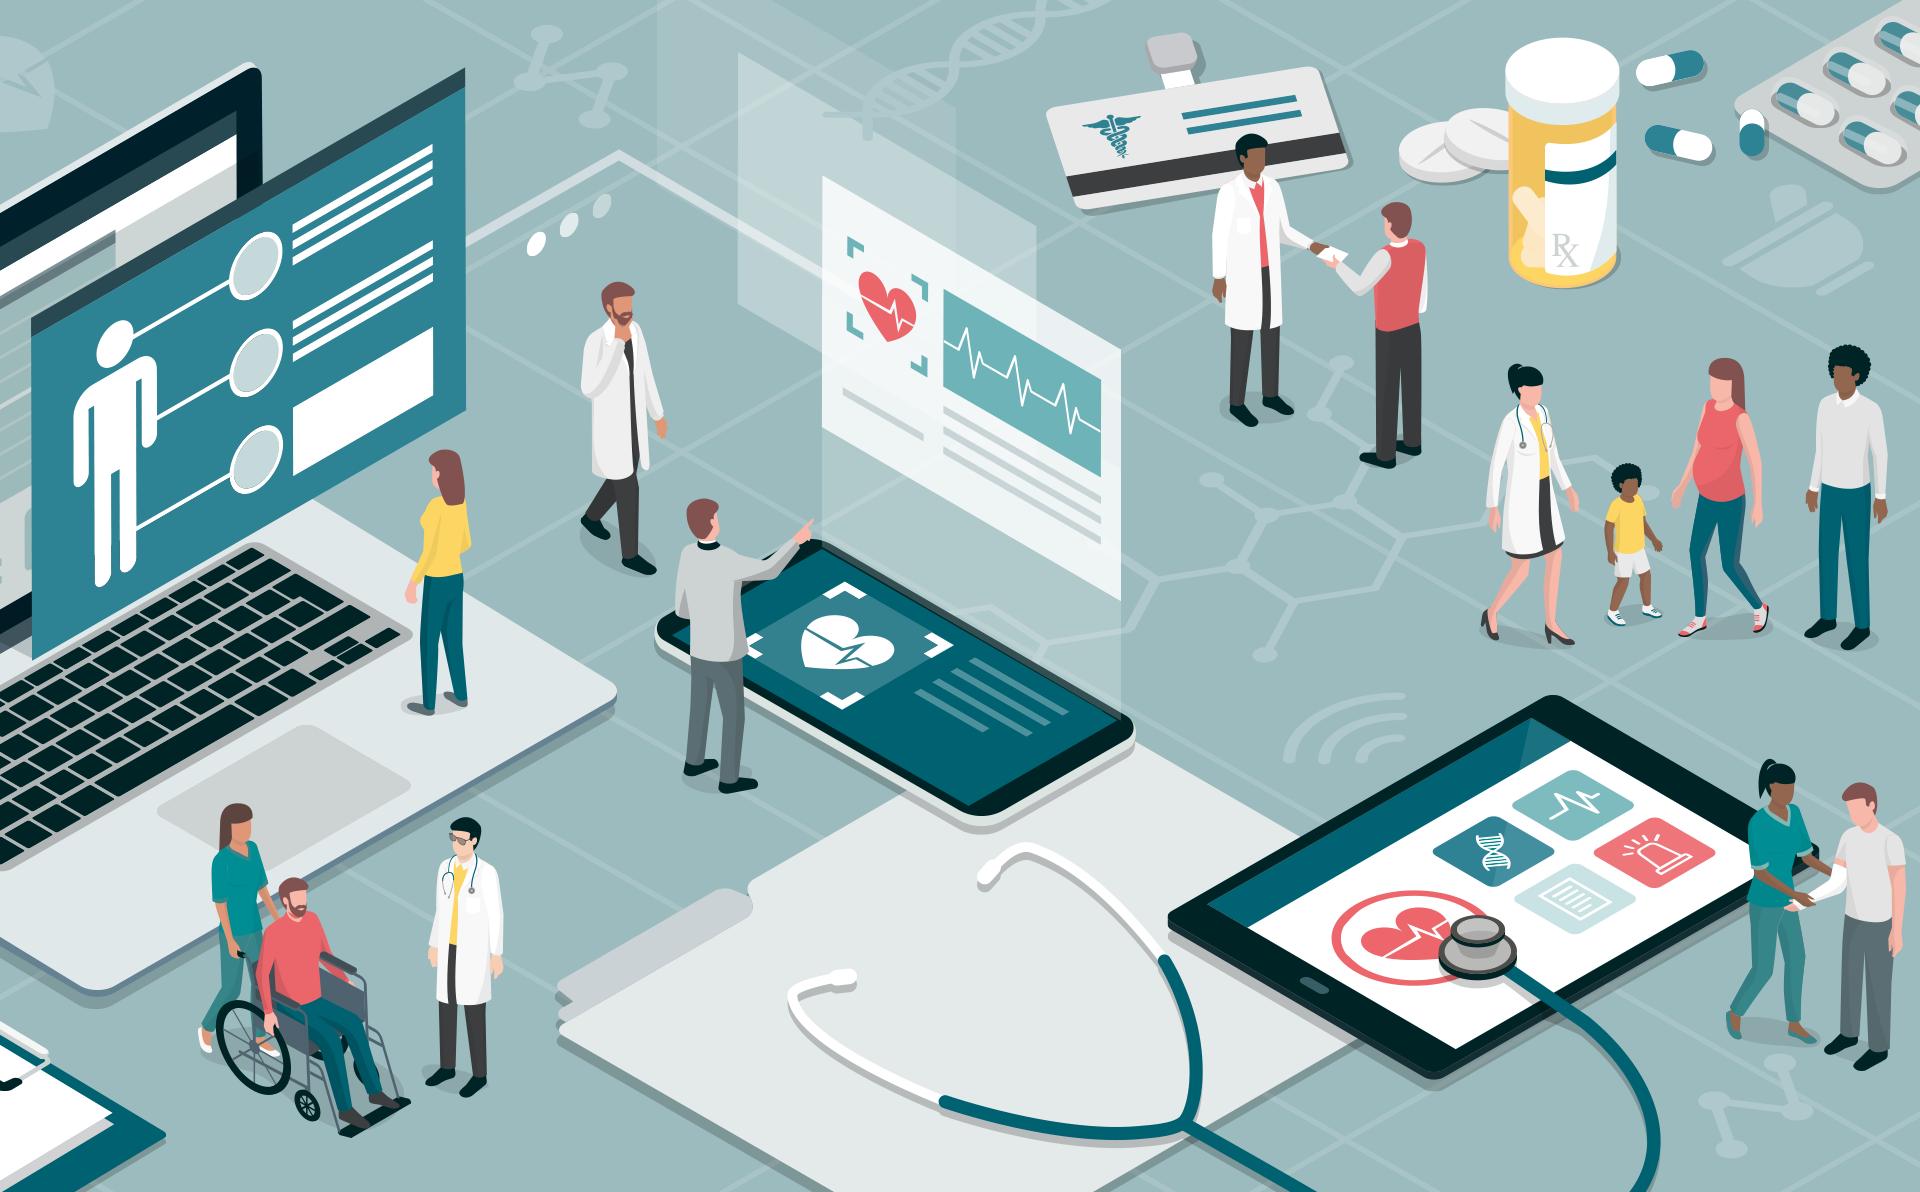 Grafik mit Darstellungen aus dem medizinischen Bereich